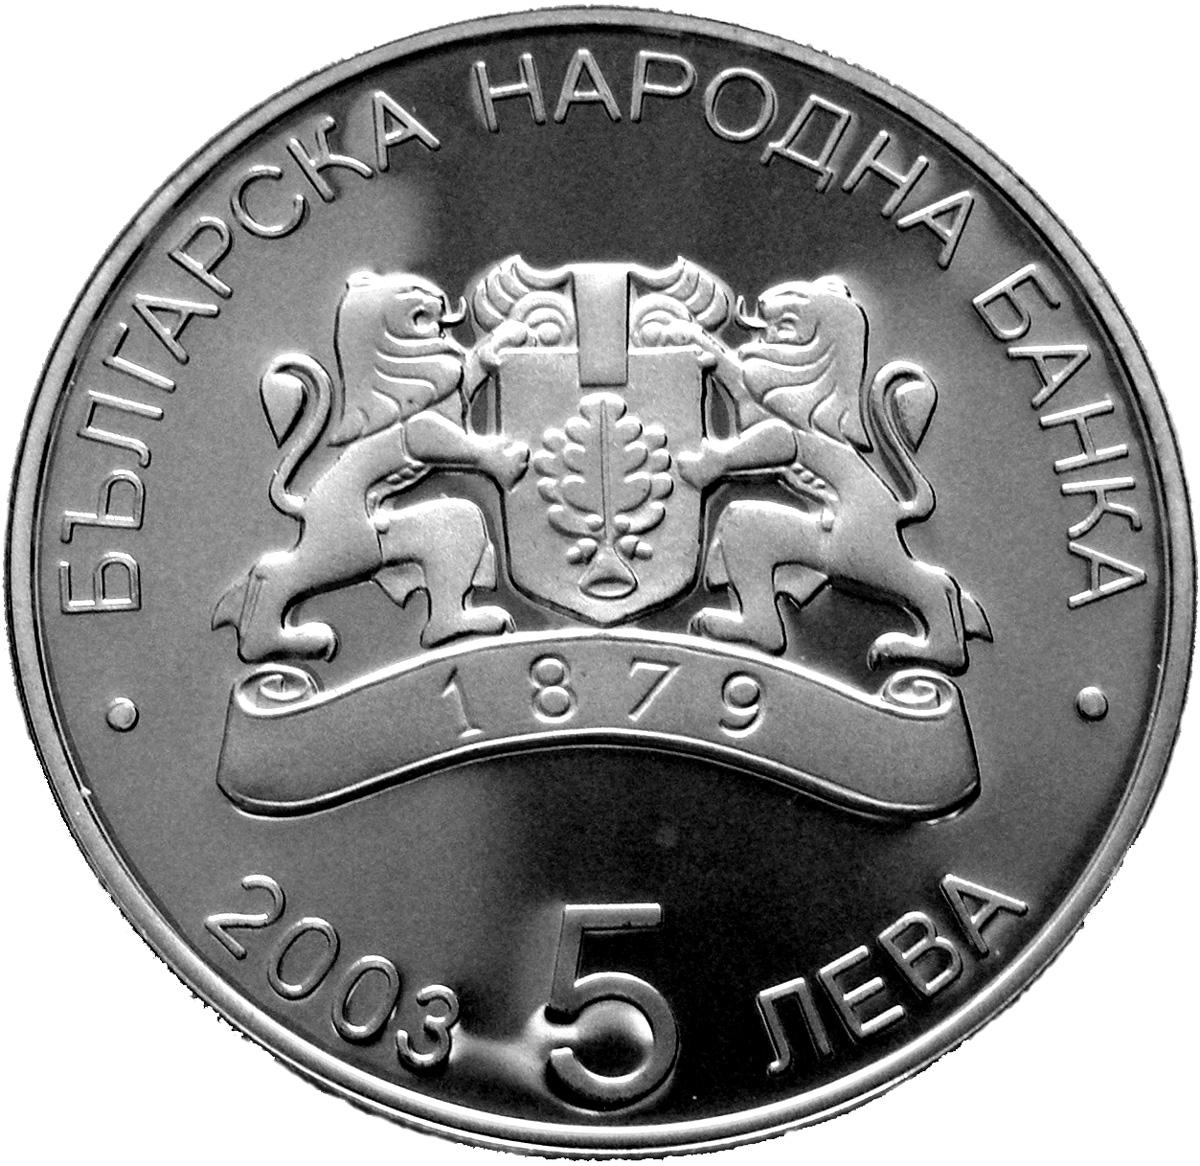 5 leva coupe du monde de football 2006 bulgarie numista - Coupe du monde de football 2006 ...